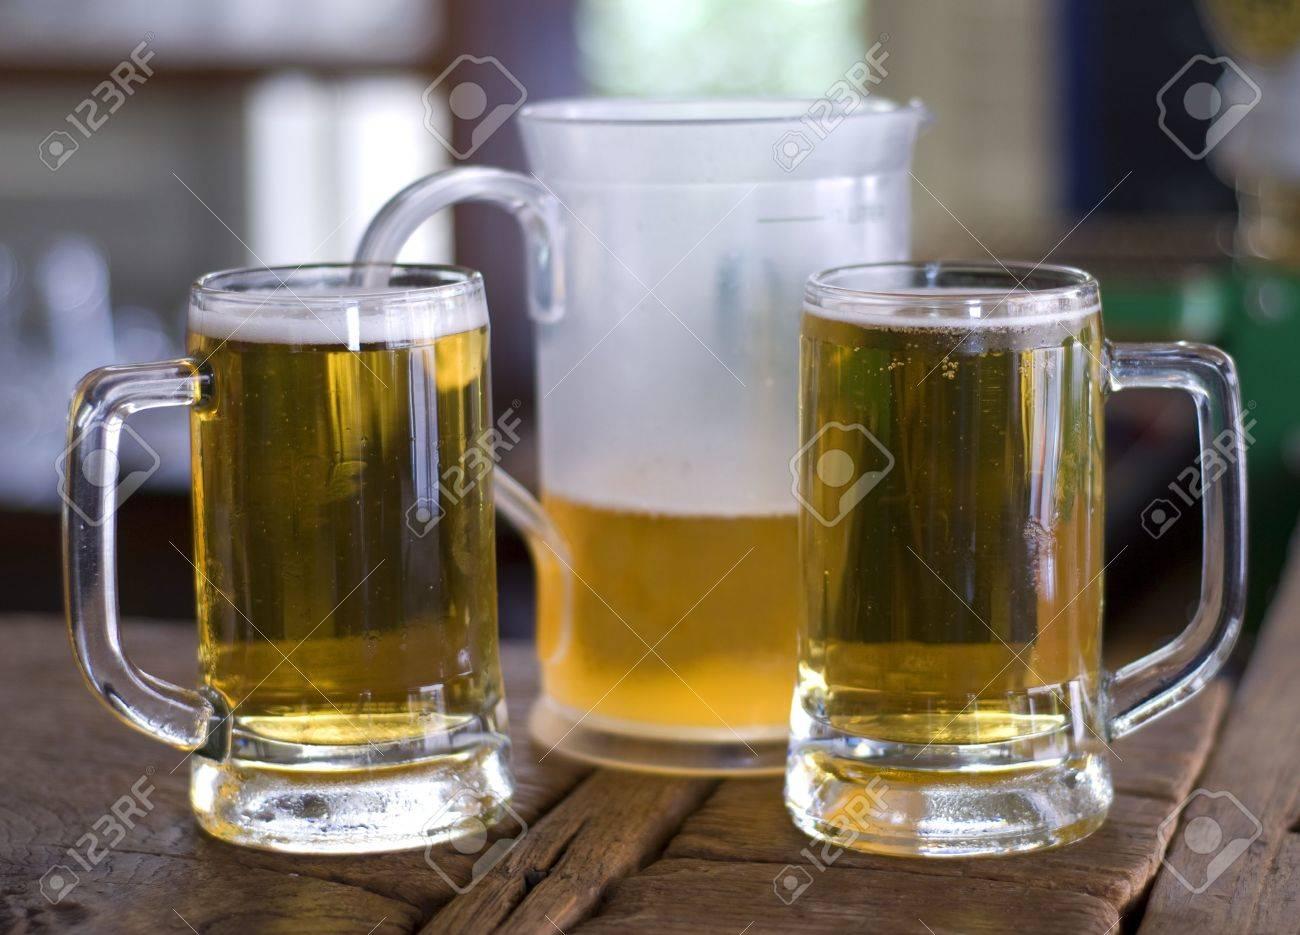 Resultado de imagen para fotos de jarros de cerveza